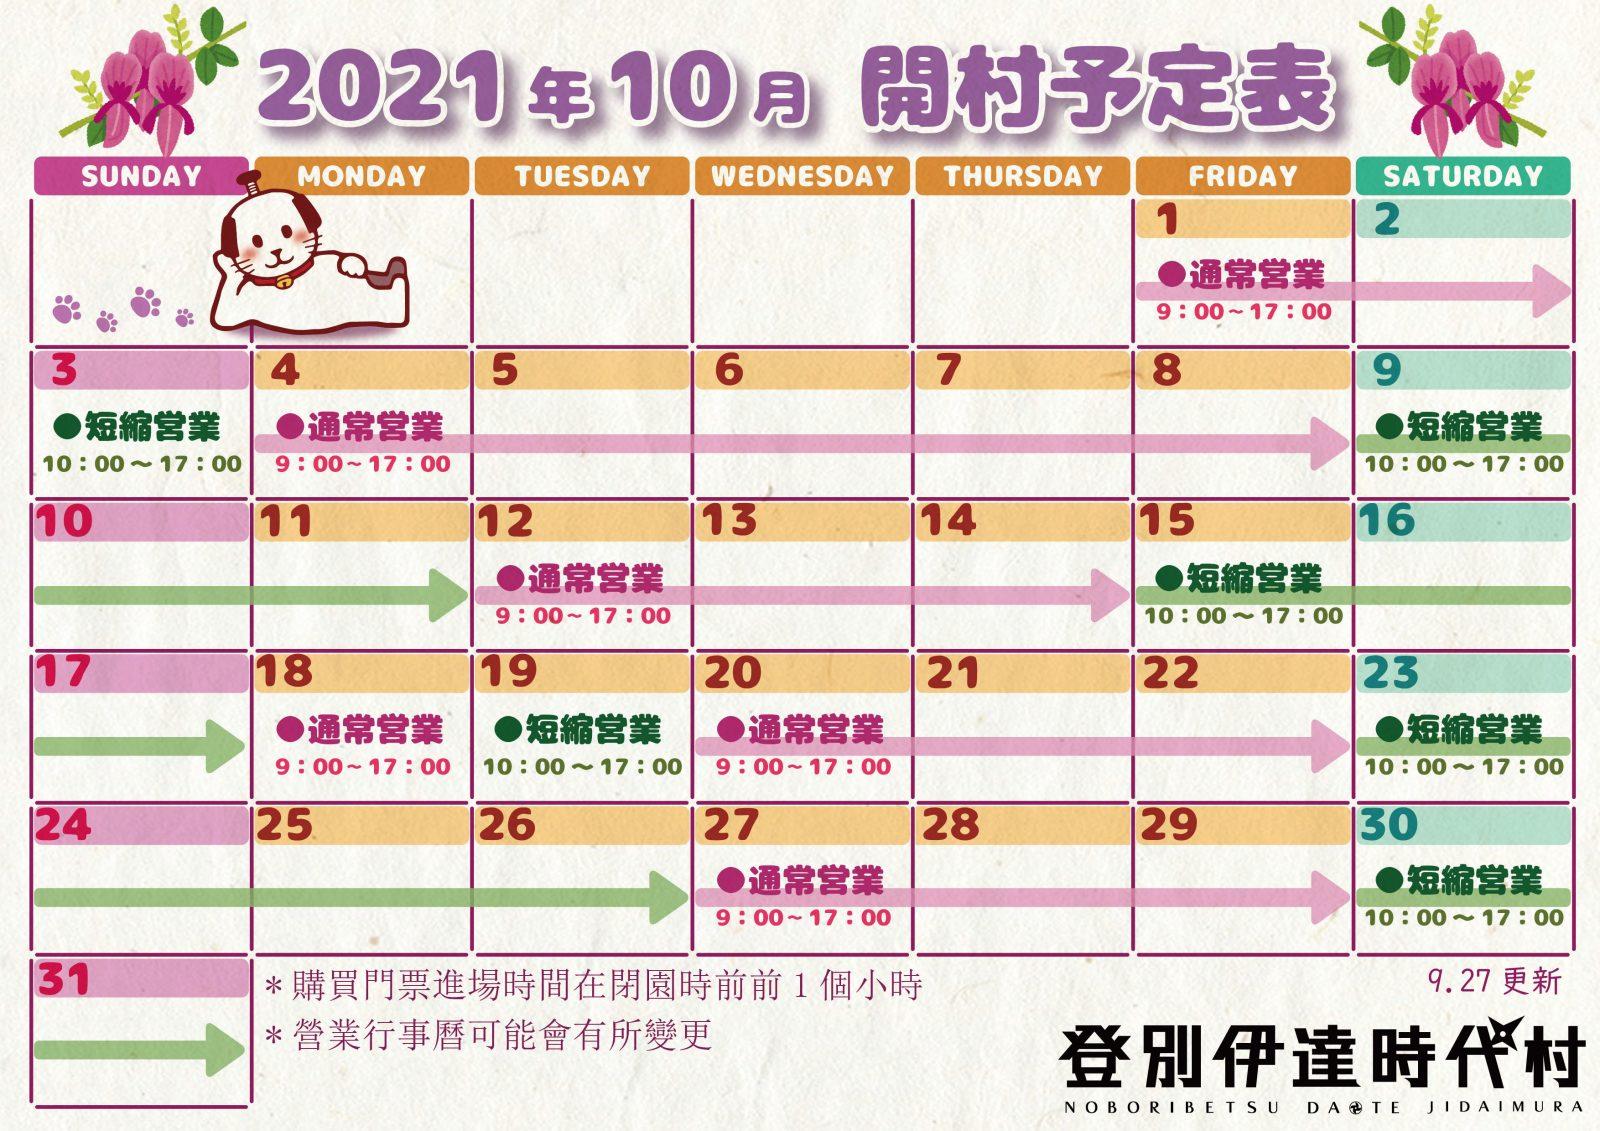 <!--11月1日起的-->營業行事曆